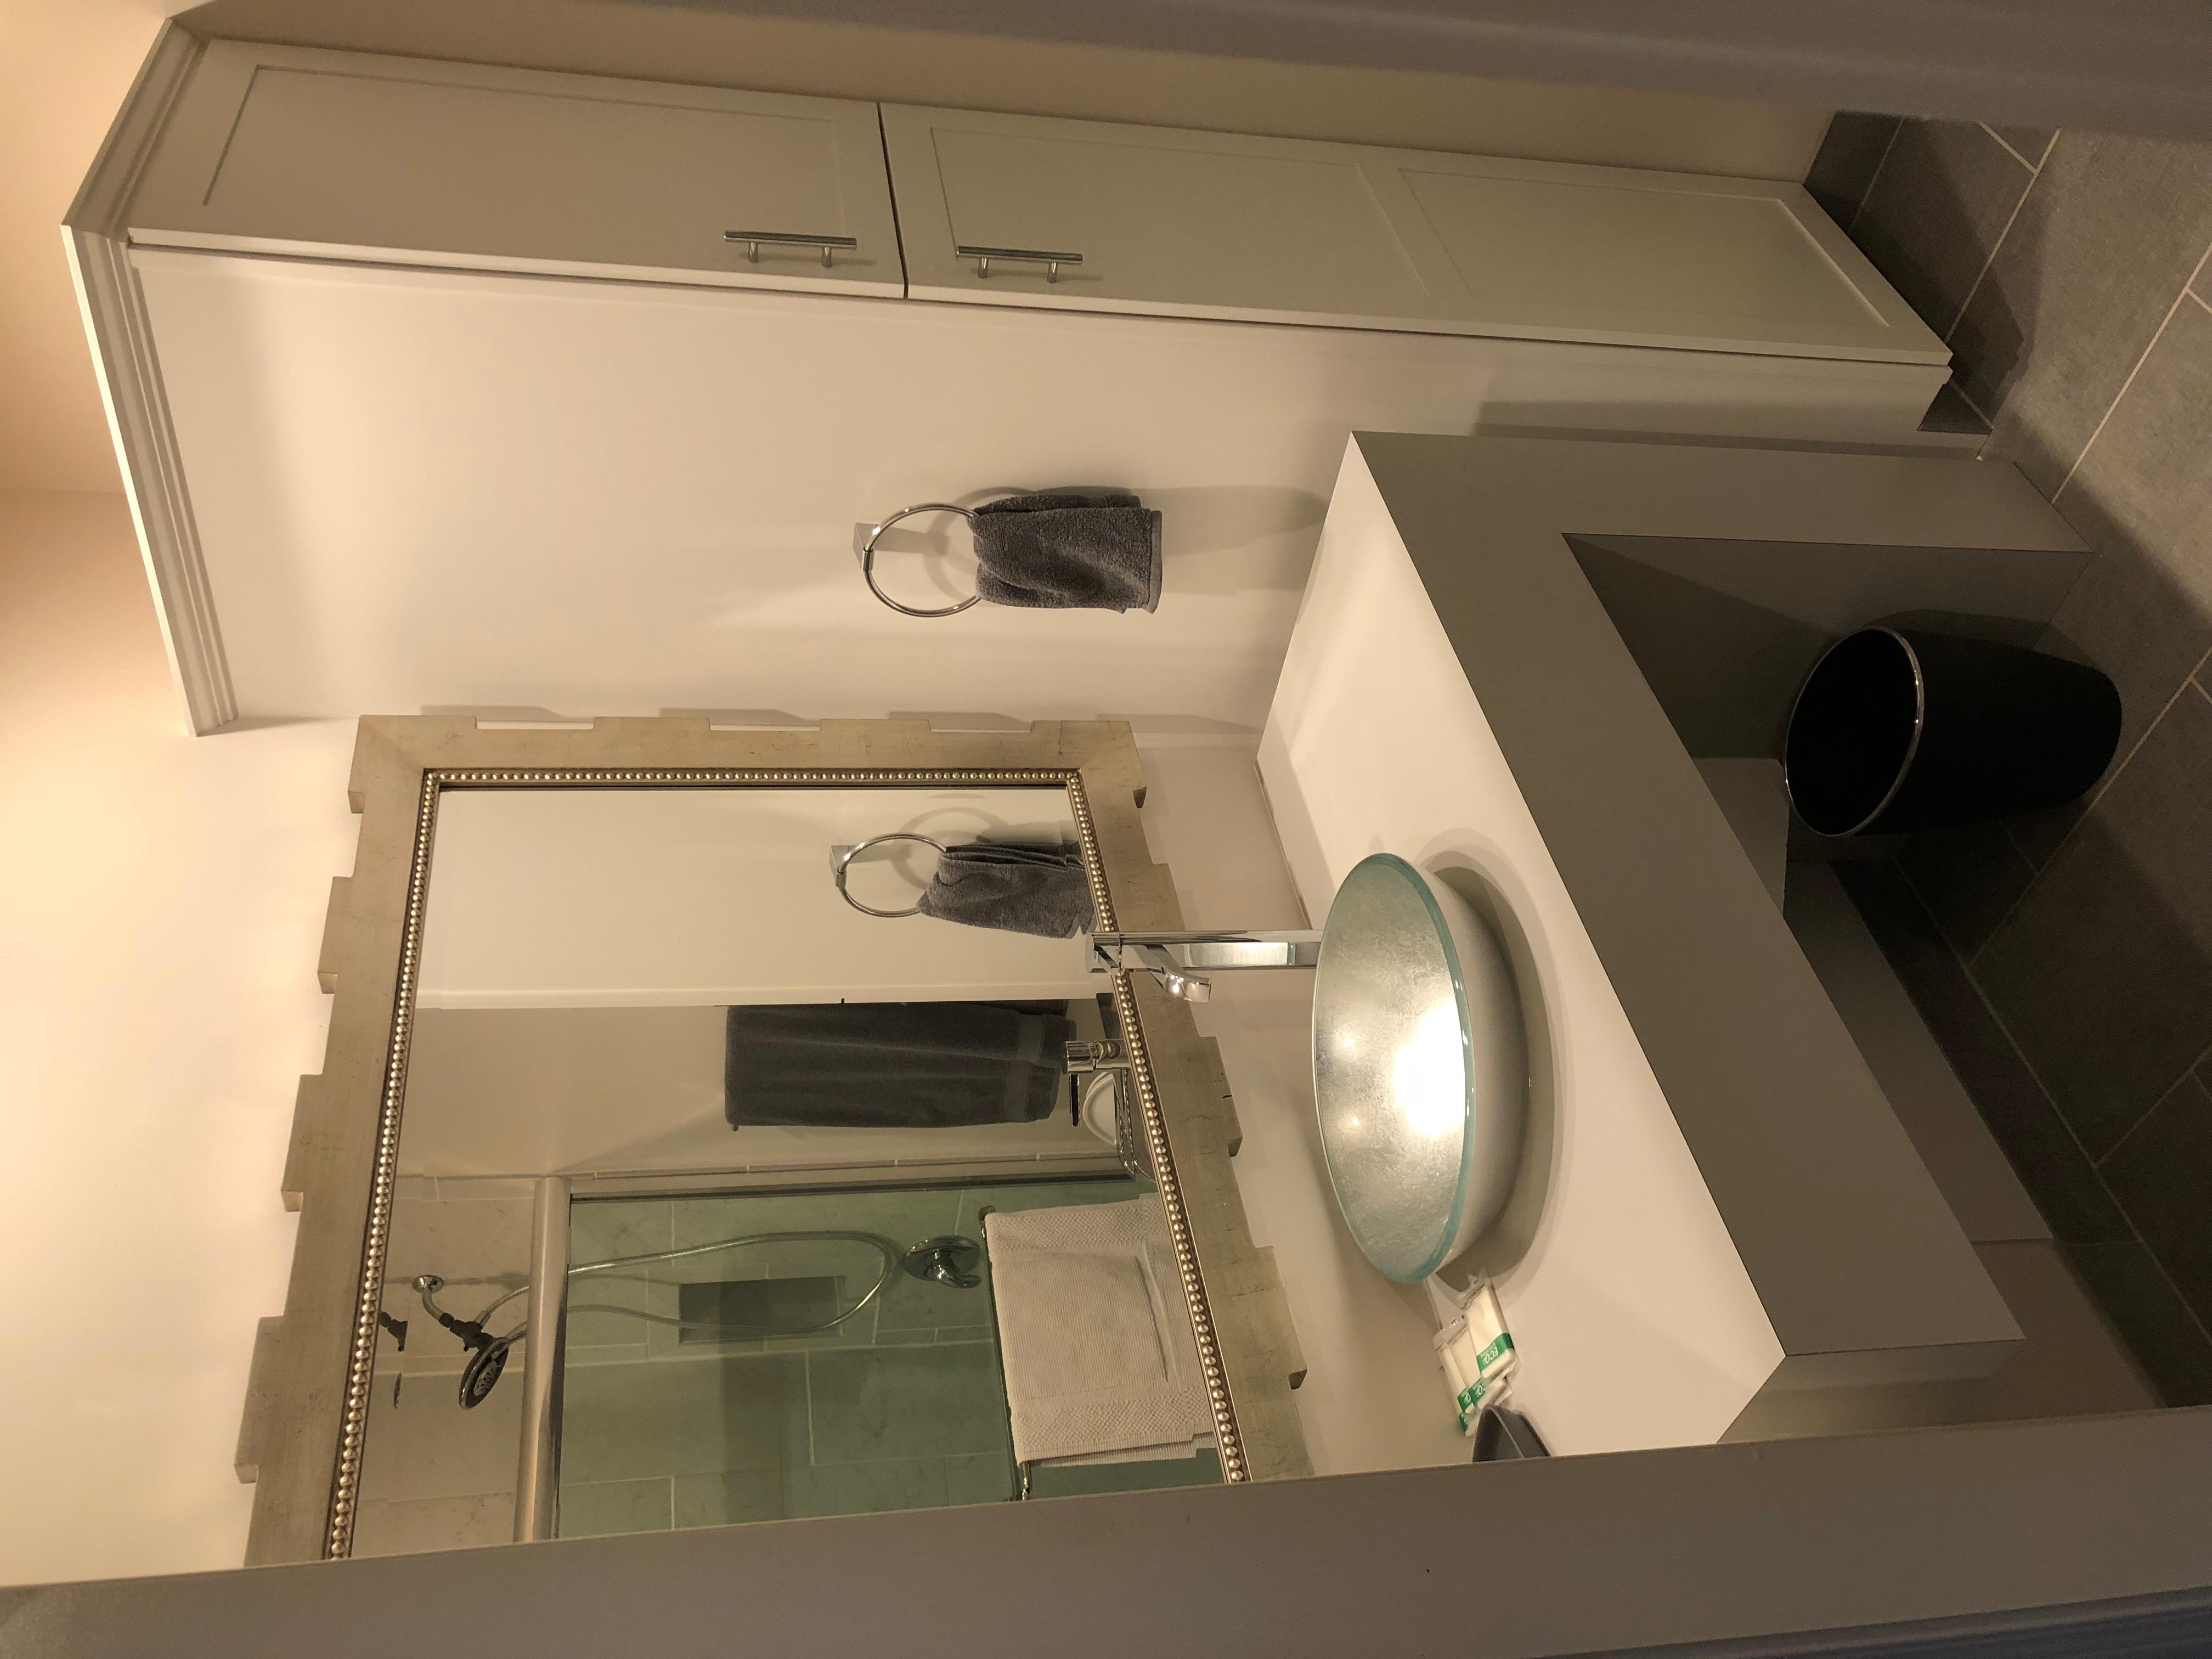 Guest_Suite_Restroom_Sink